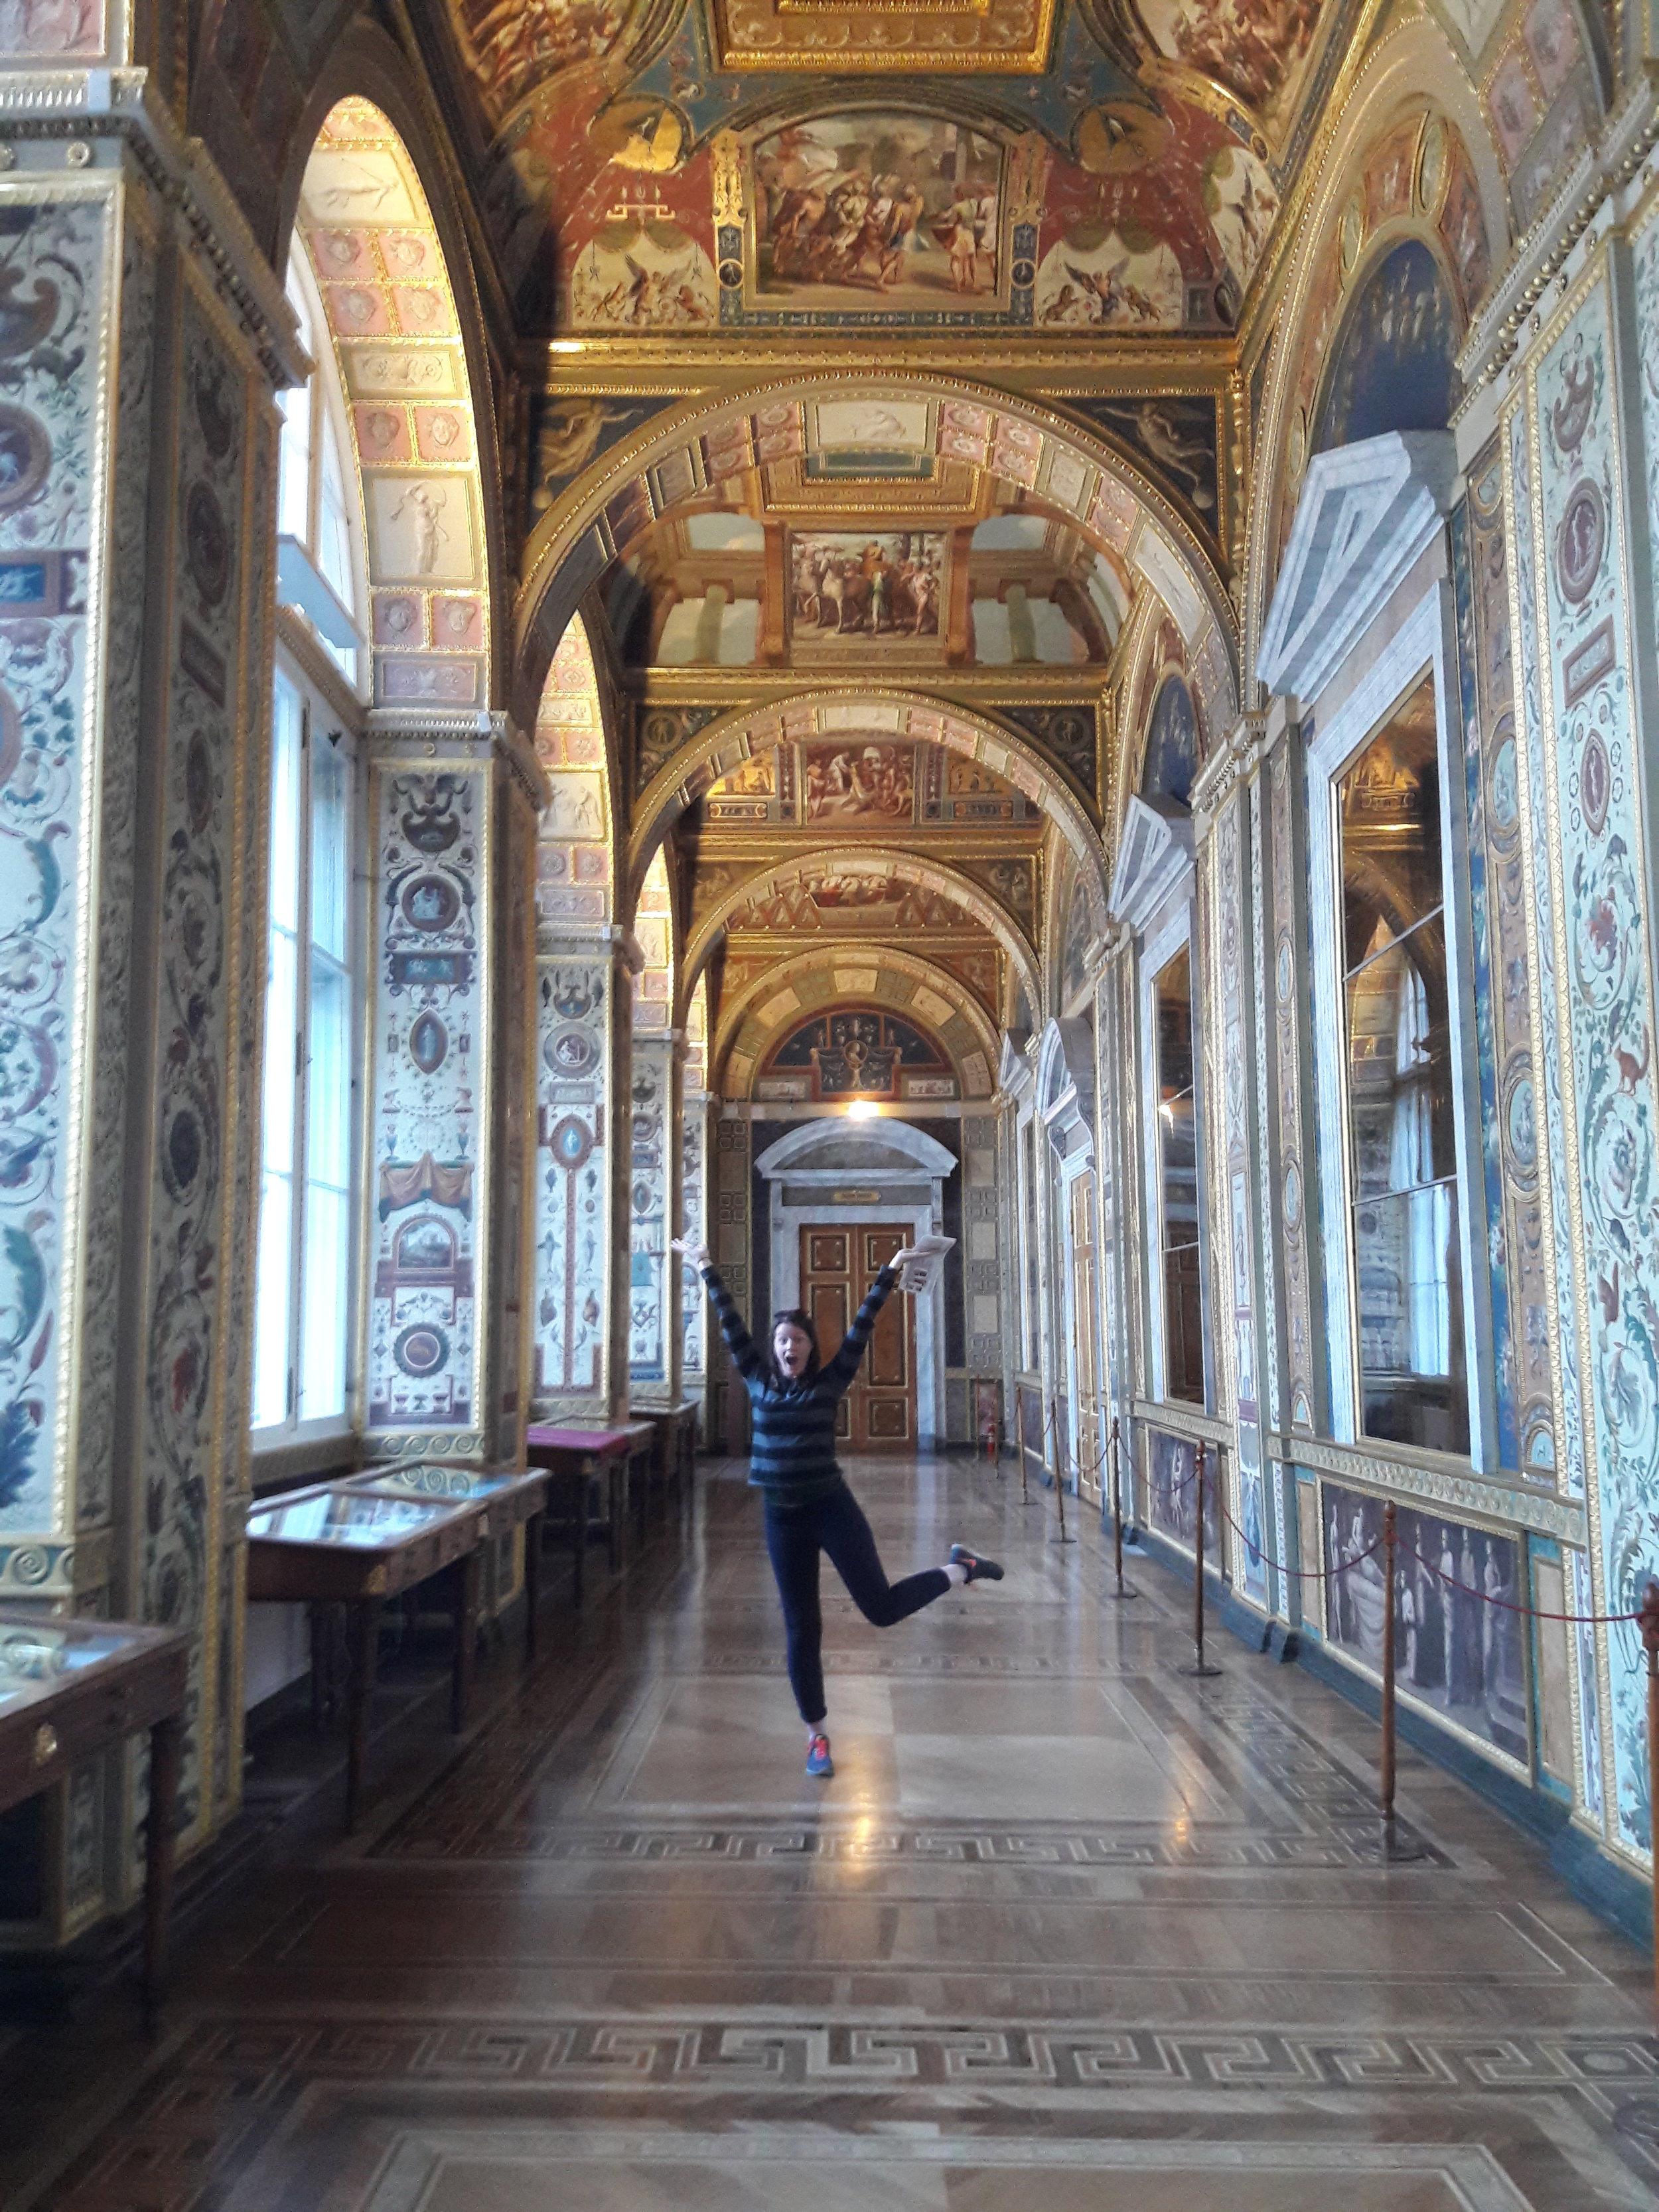 Russia-St.-Petersburg-Hermitage-Museum-3.jpg